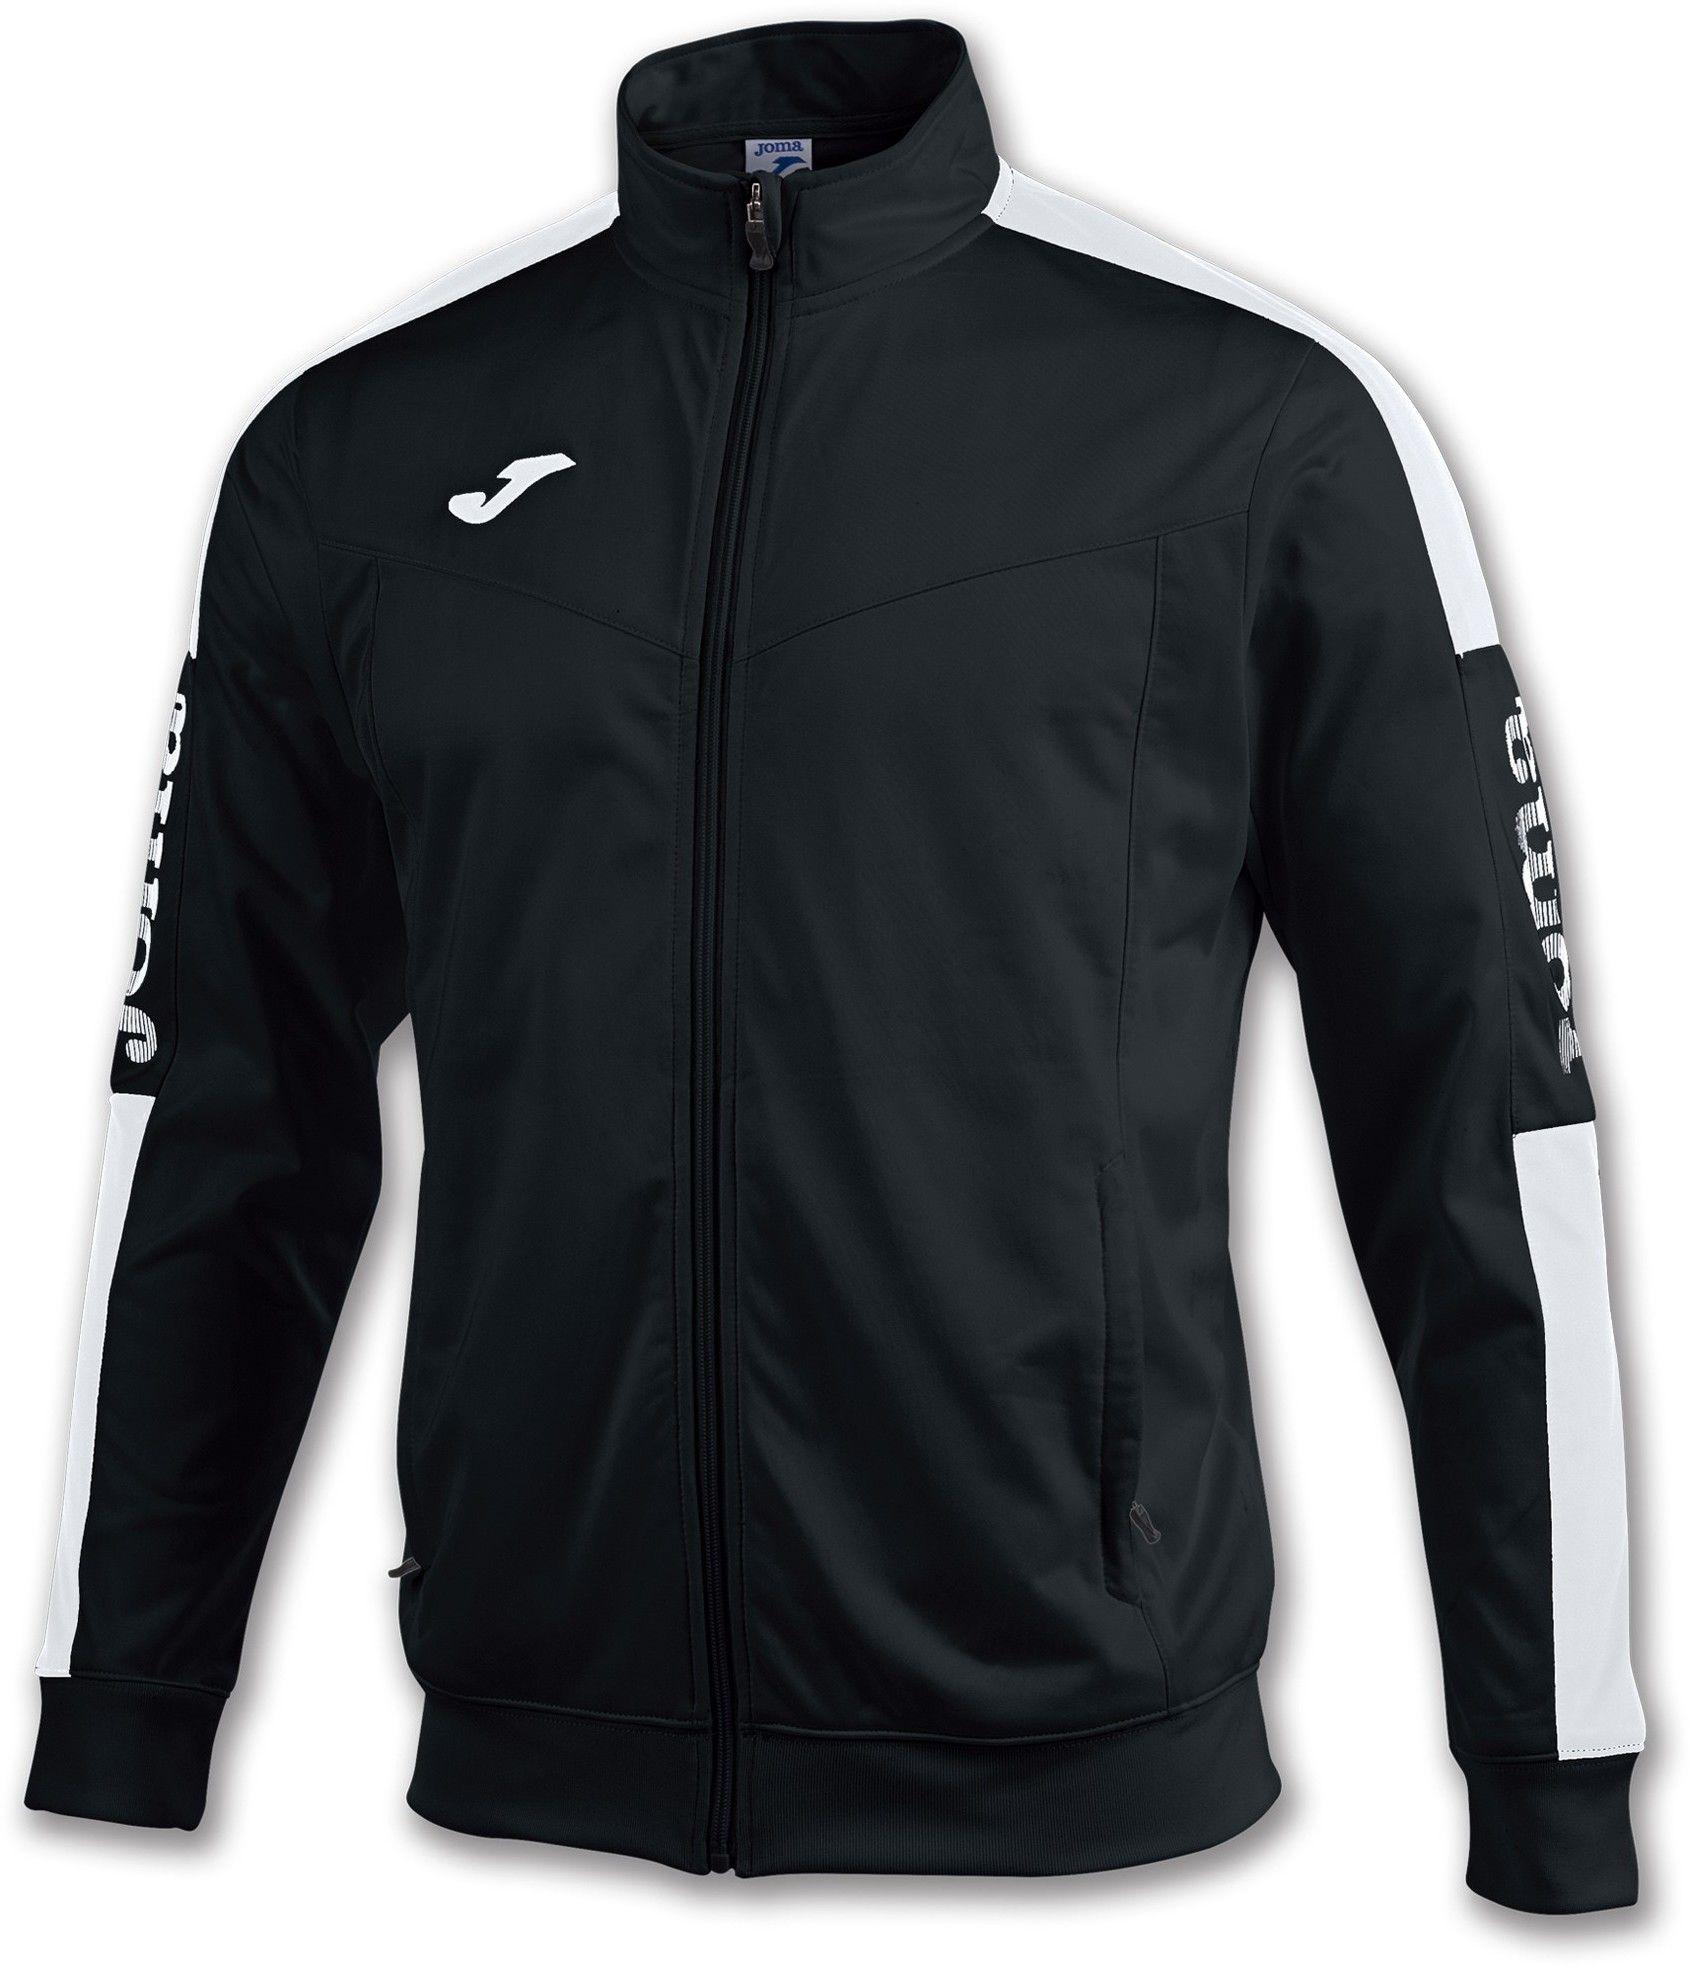 Bluza Joma Champion IV black/white (10 szt.)